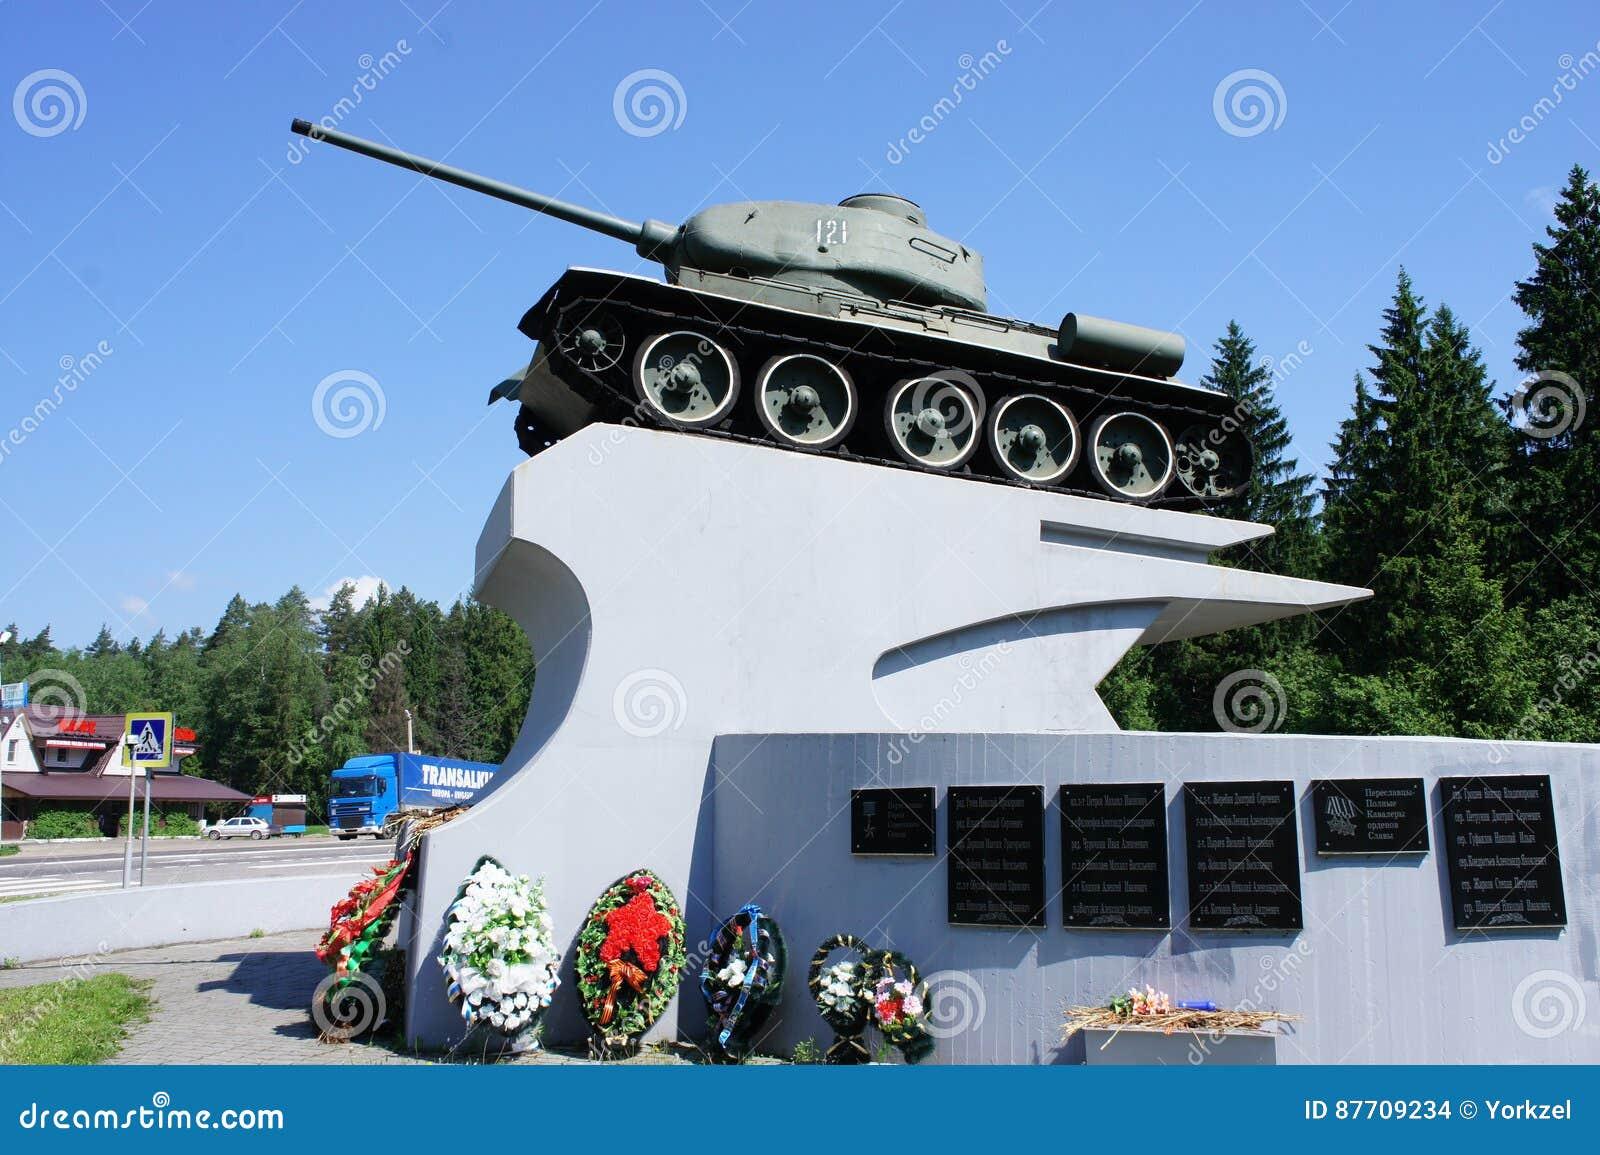 Un monument au créateur du réservoir légendaire de la deuxième guerre mondiale le t-34 Koshkin